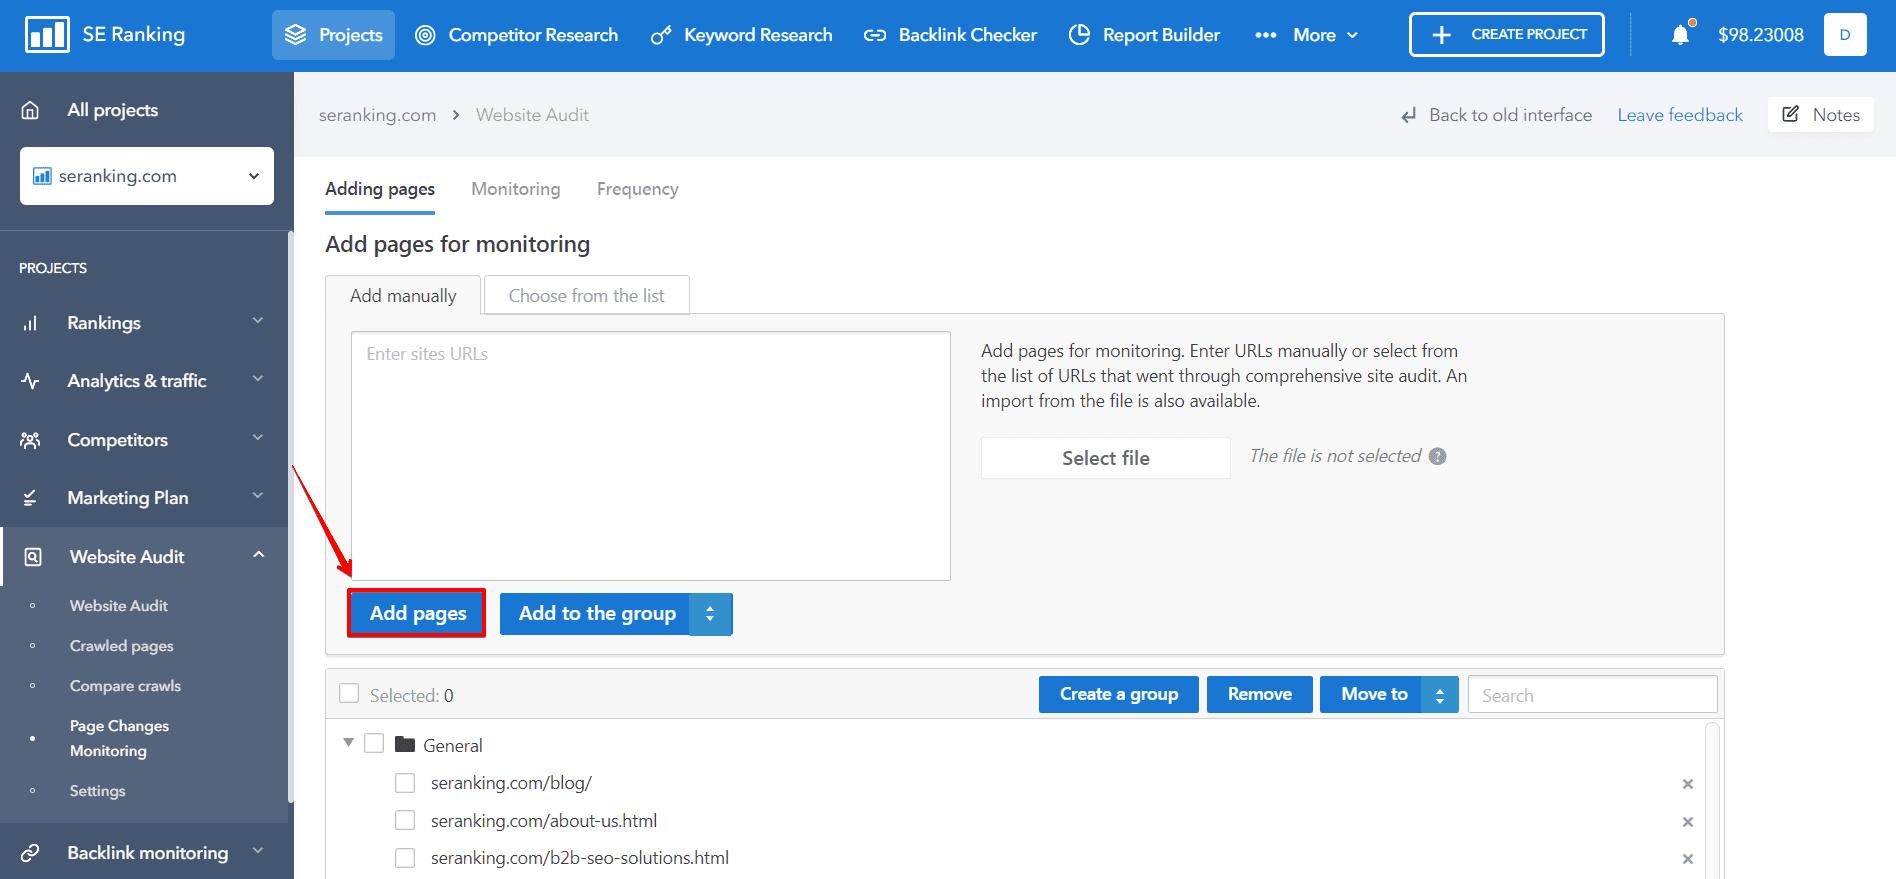 adding page website audit